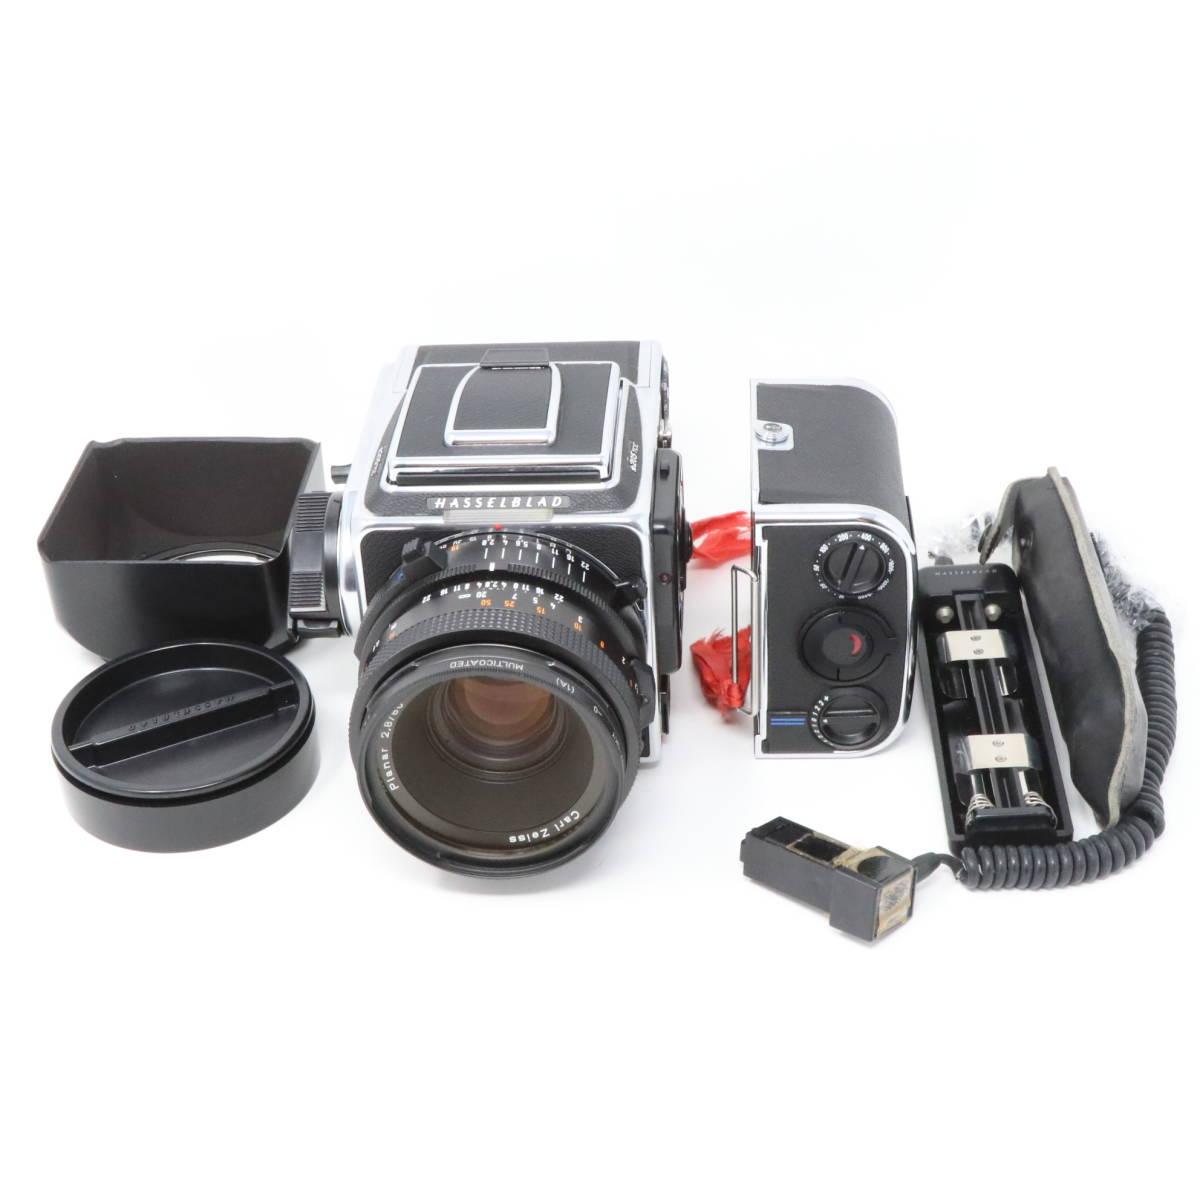 【中古良品完動品】 HASSELBLAD ハッセルブラッド 中判一眼レフカメラ ☆205TCC CarlZeiss Planar F 80mm F2.8 T* マガジン12TCC +16TCC付